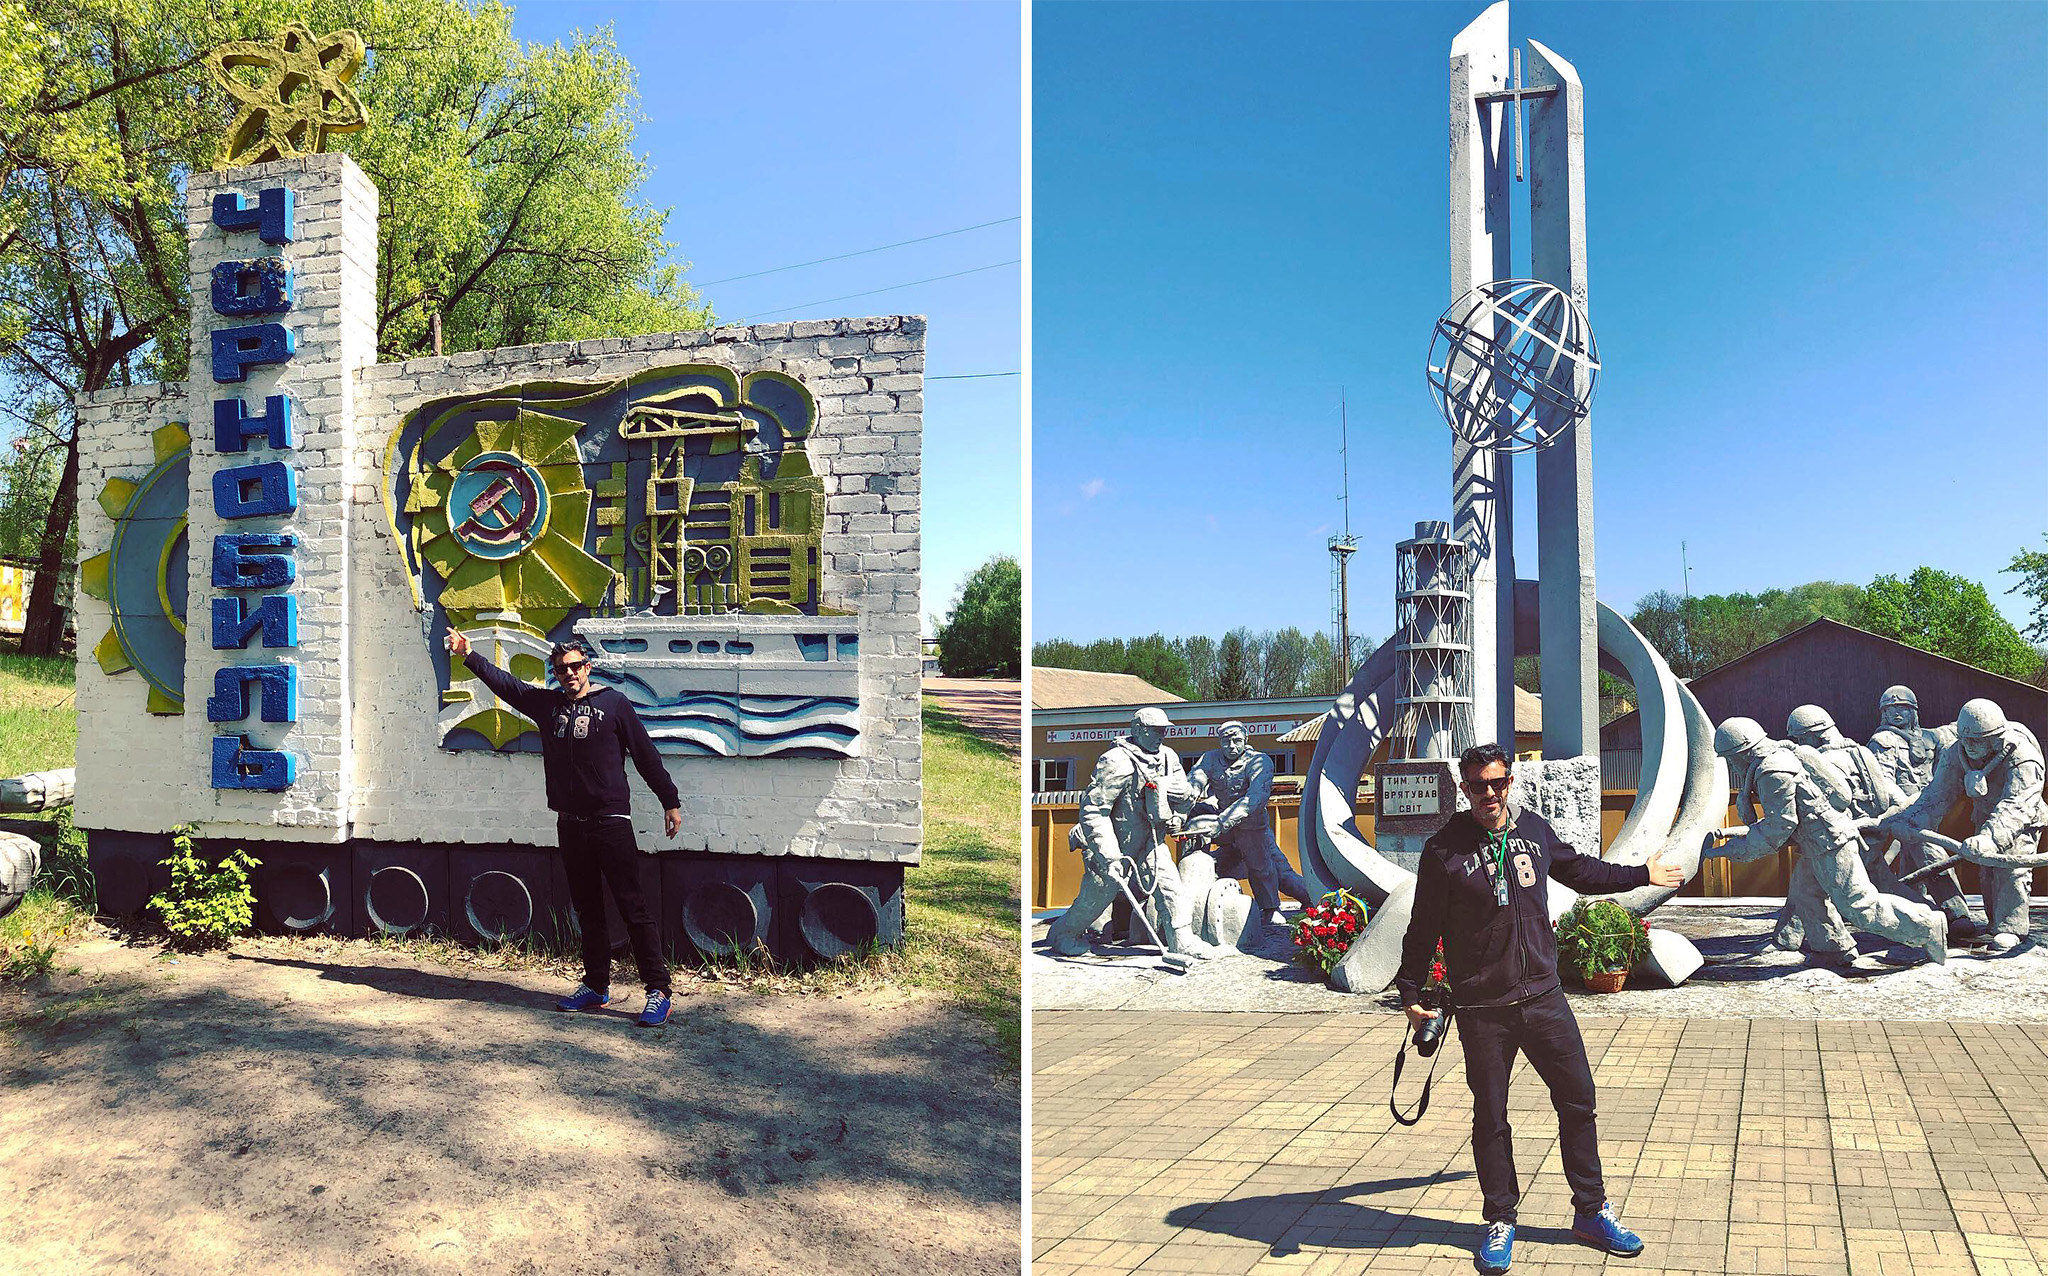 Visitar Chernóbil - Visitar Chernobyl Ucrania Ukraine Pripyat visitar chernóbil - 47045825134 86b82cec81 k - Visitar Chernóbil: el lugar más contaminado del planeta